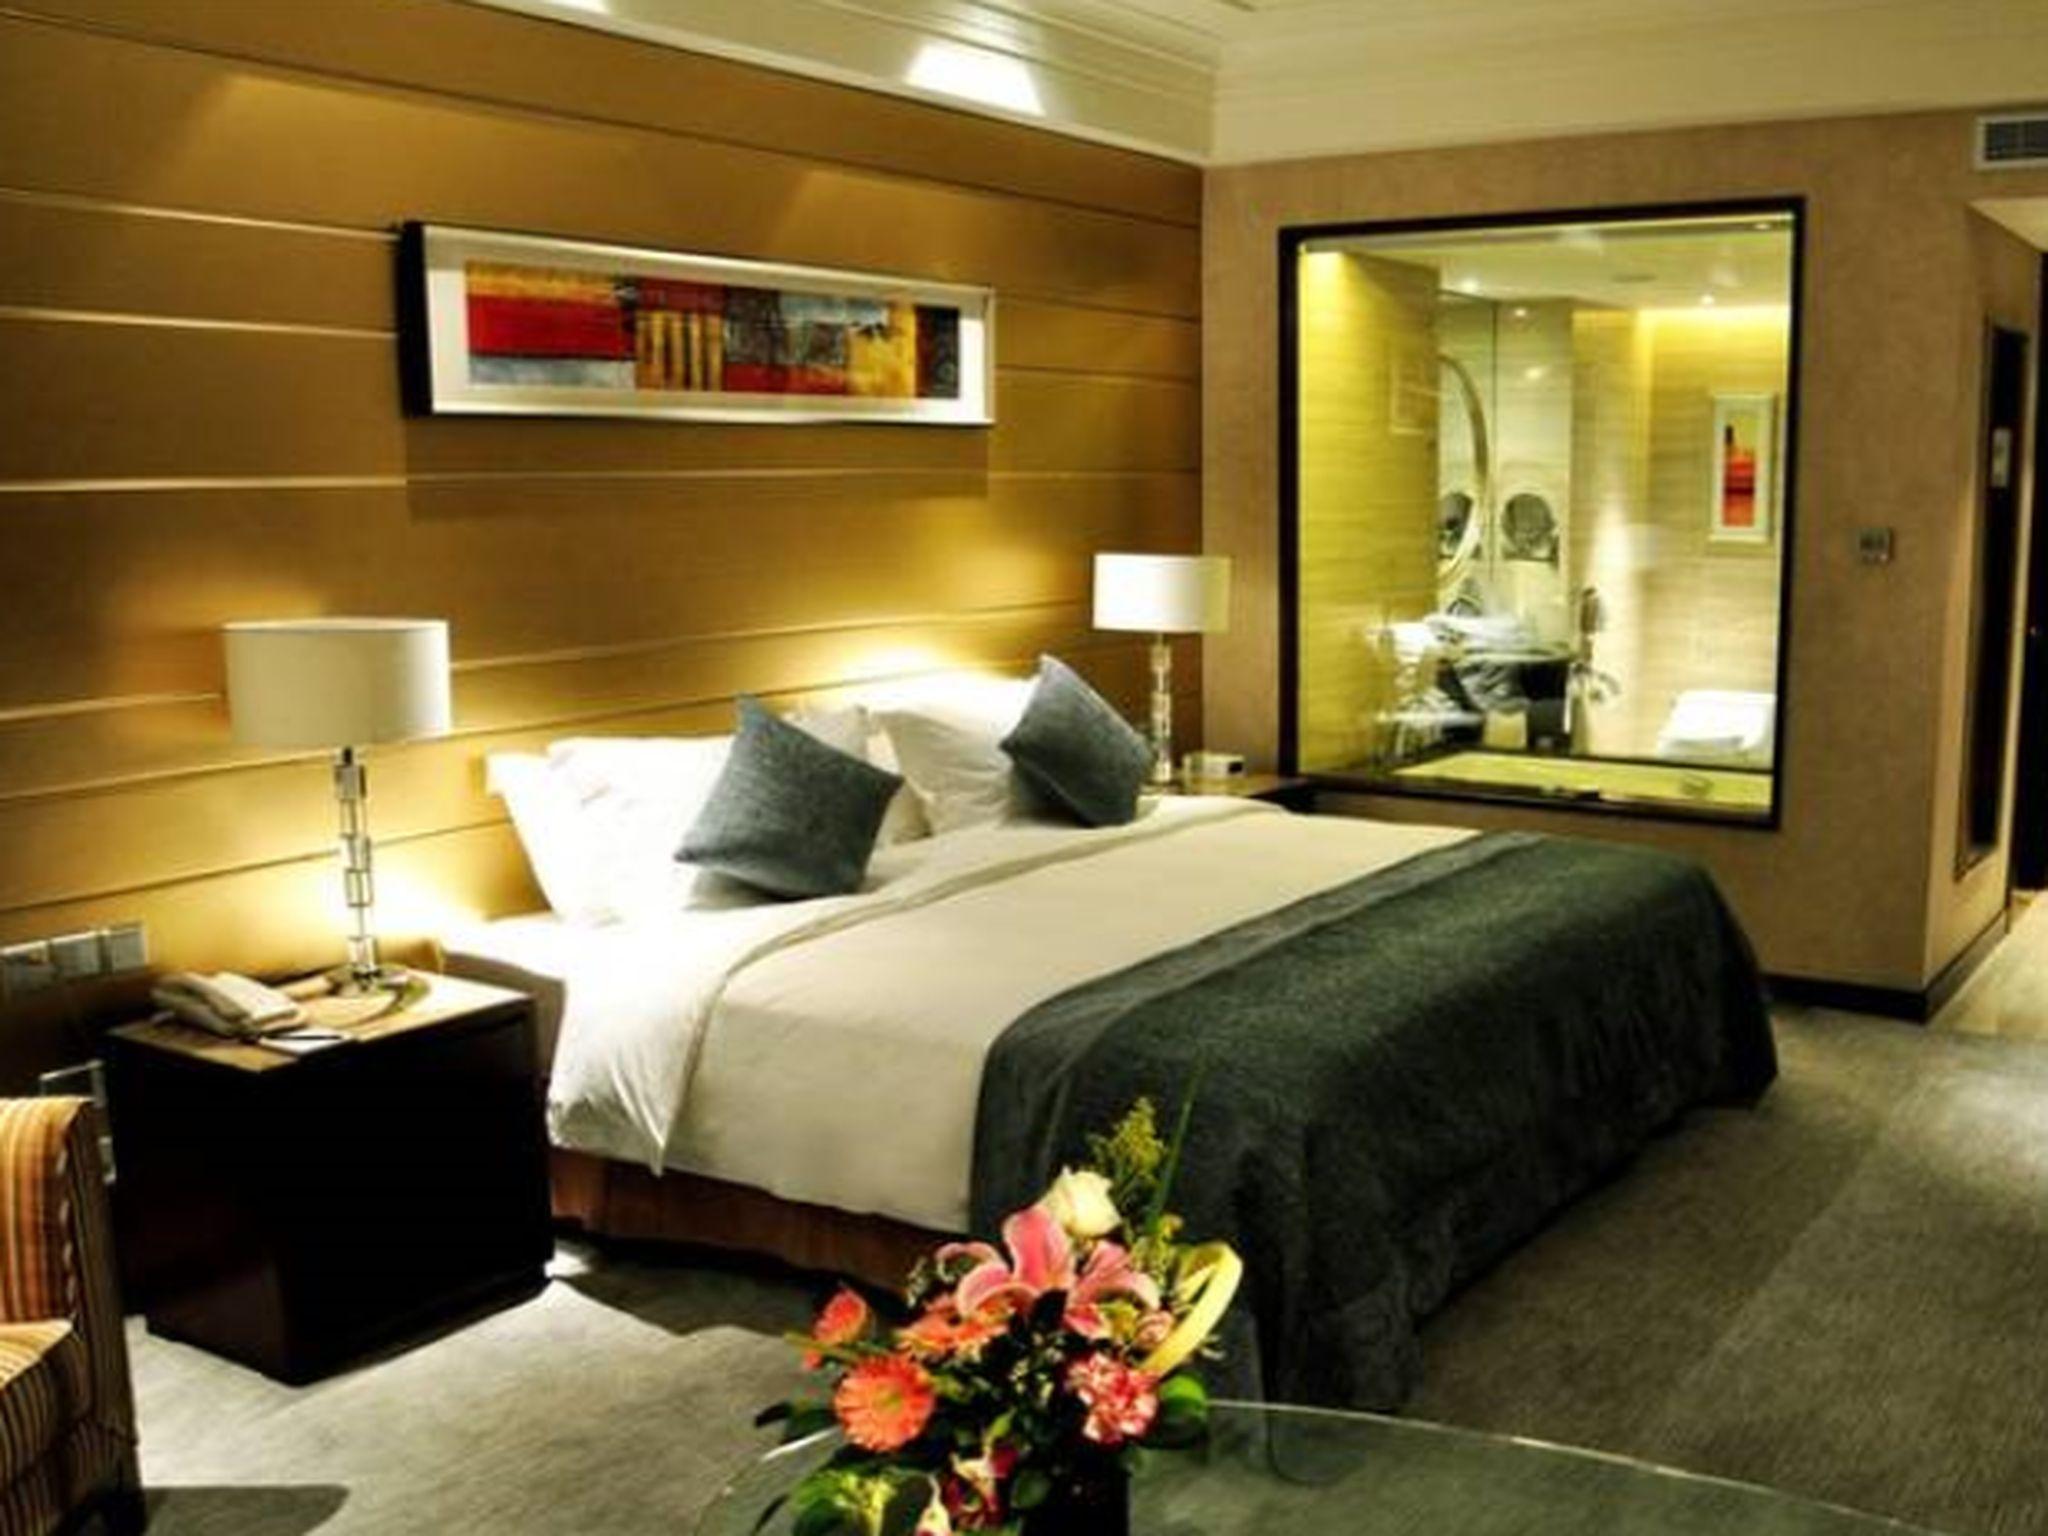 C&D Hotel Mingcheng Fuzhou, Fuzhou